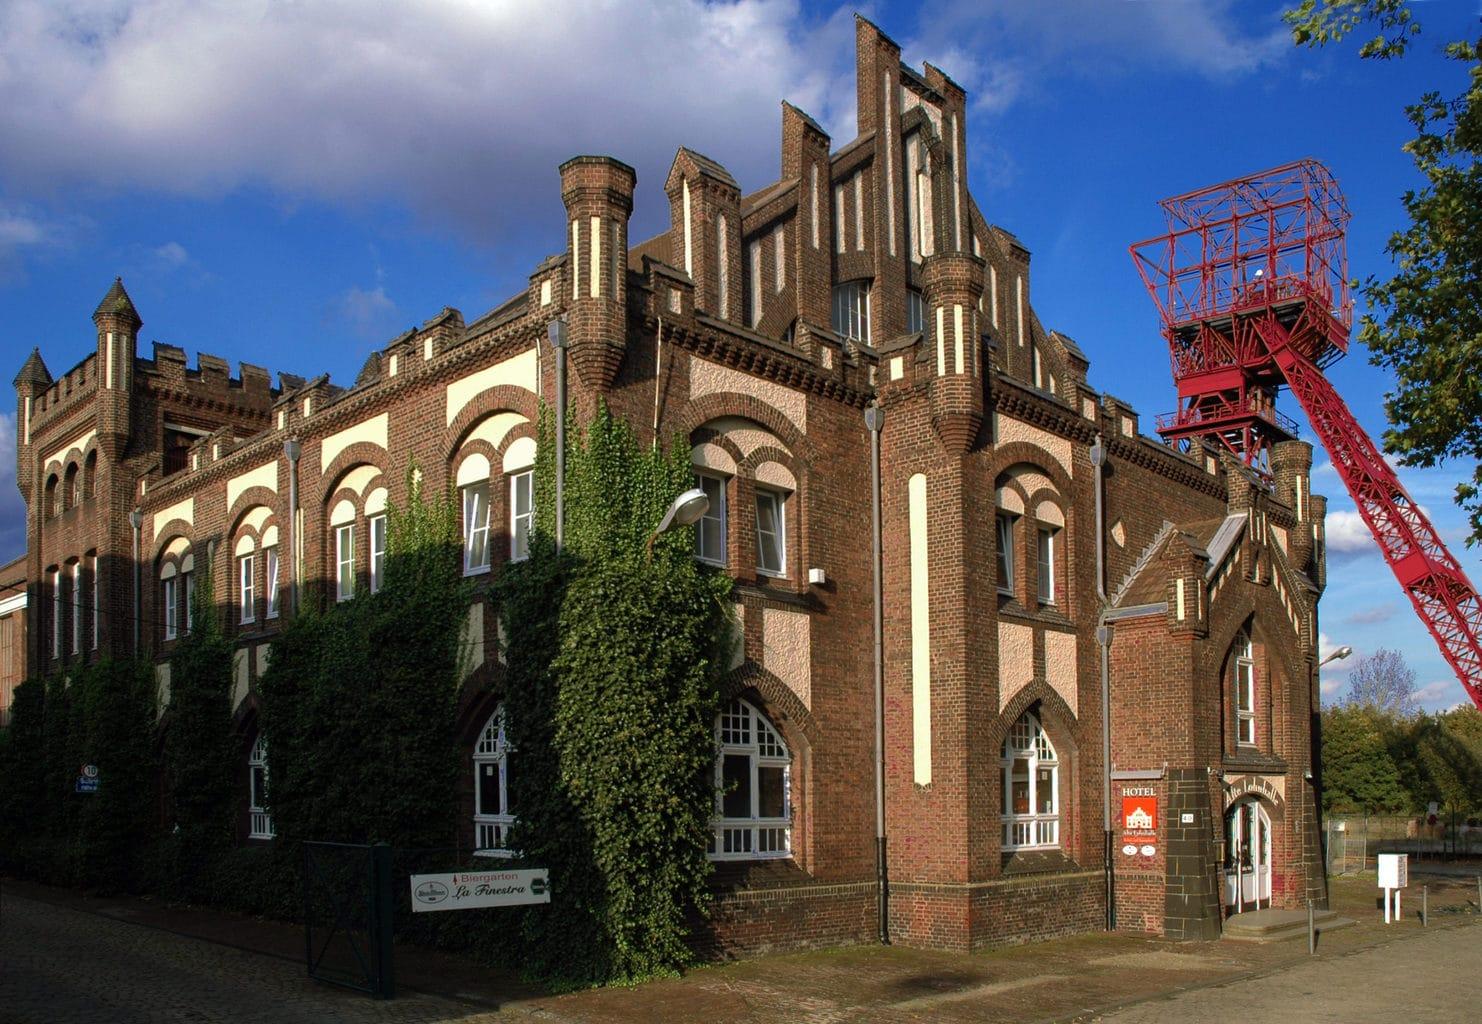 Slapen in een oude koolmijn kan je in de Lohnhalle in Essen